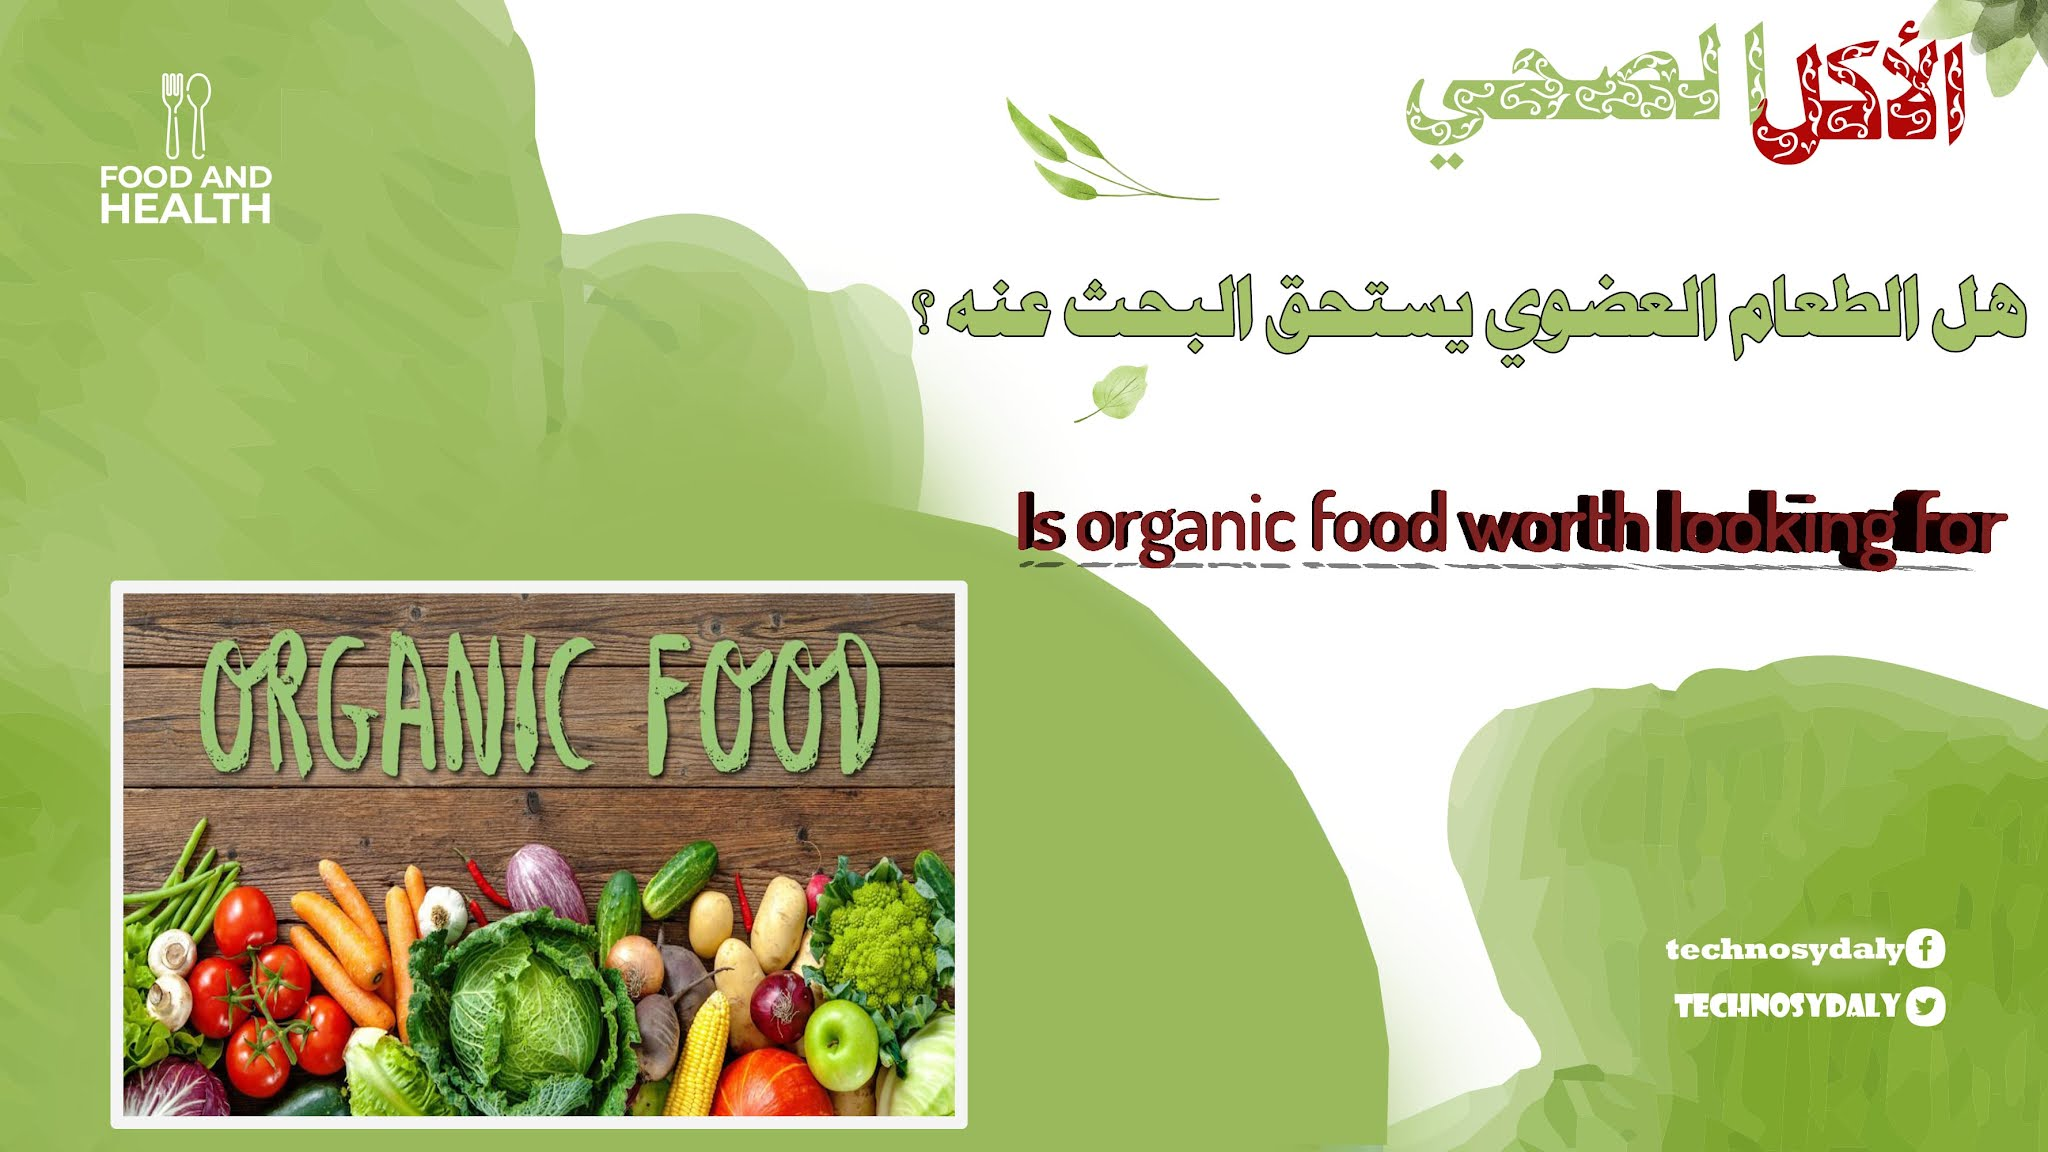 هل الطعام العضوي يستحق البحث عنه ؟ Is organic food worth looking for